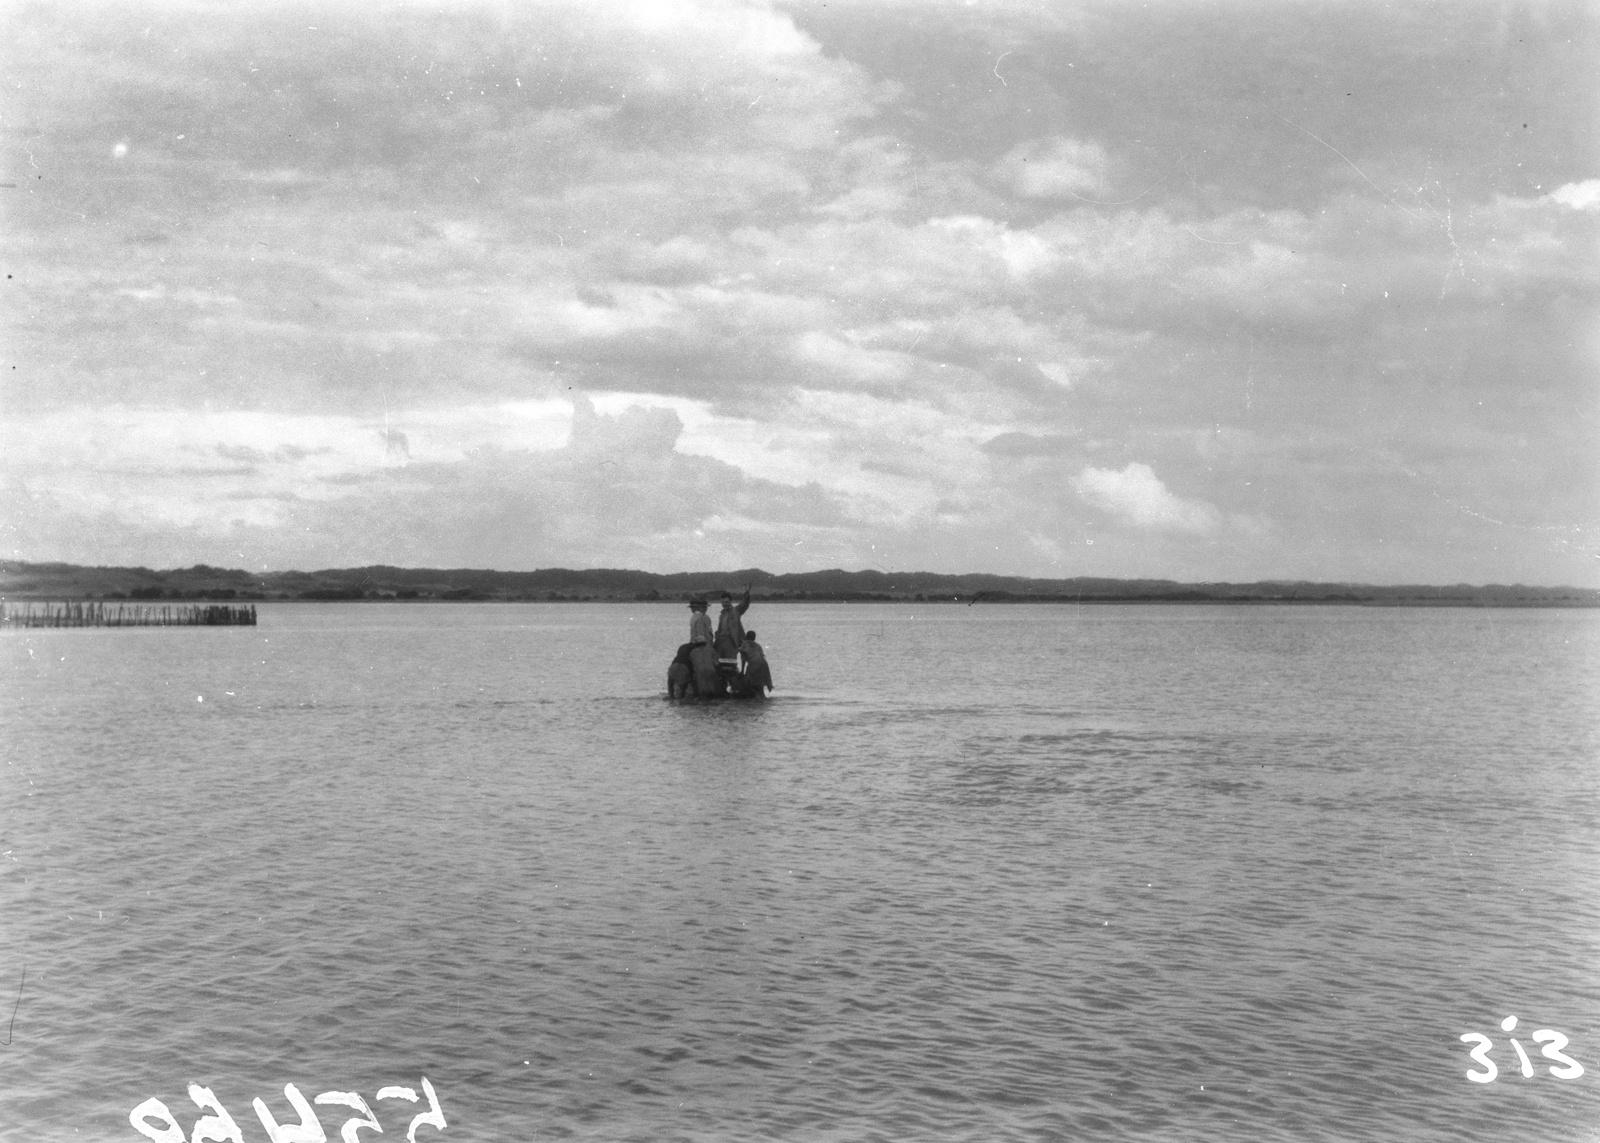 Южно-Африканский Союз. Квазулу-Наталь. Участники экспедиции в реке